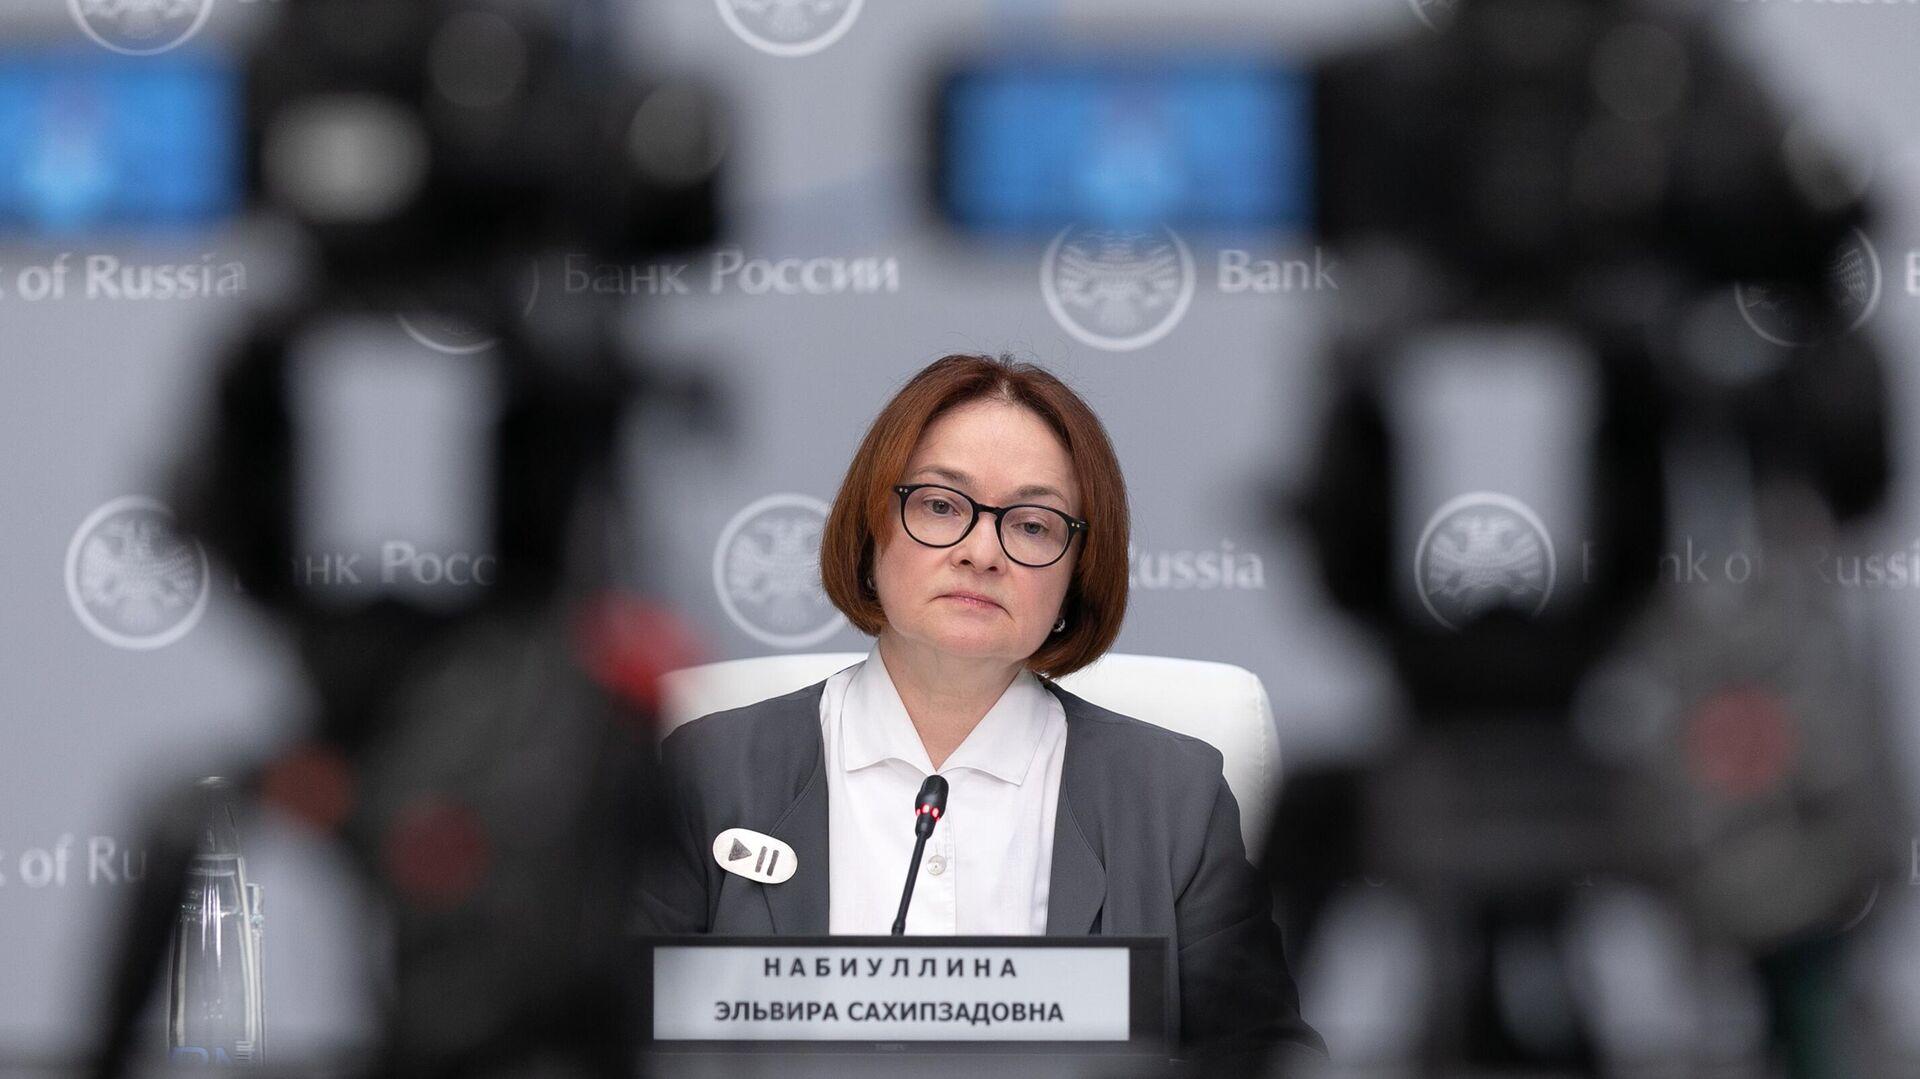 Председатель Центрального банка РФ Эльвира Набиуллина на пресс-конференции - РИА Новости, 1920, 18.09.2020